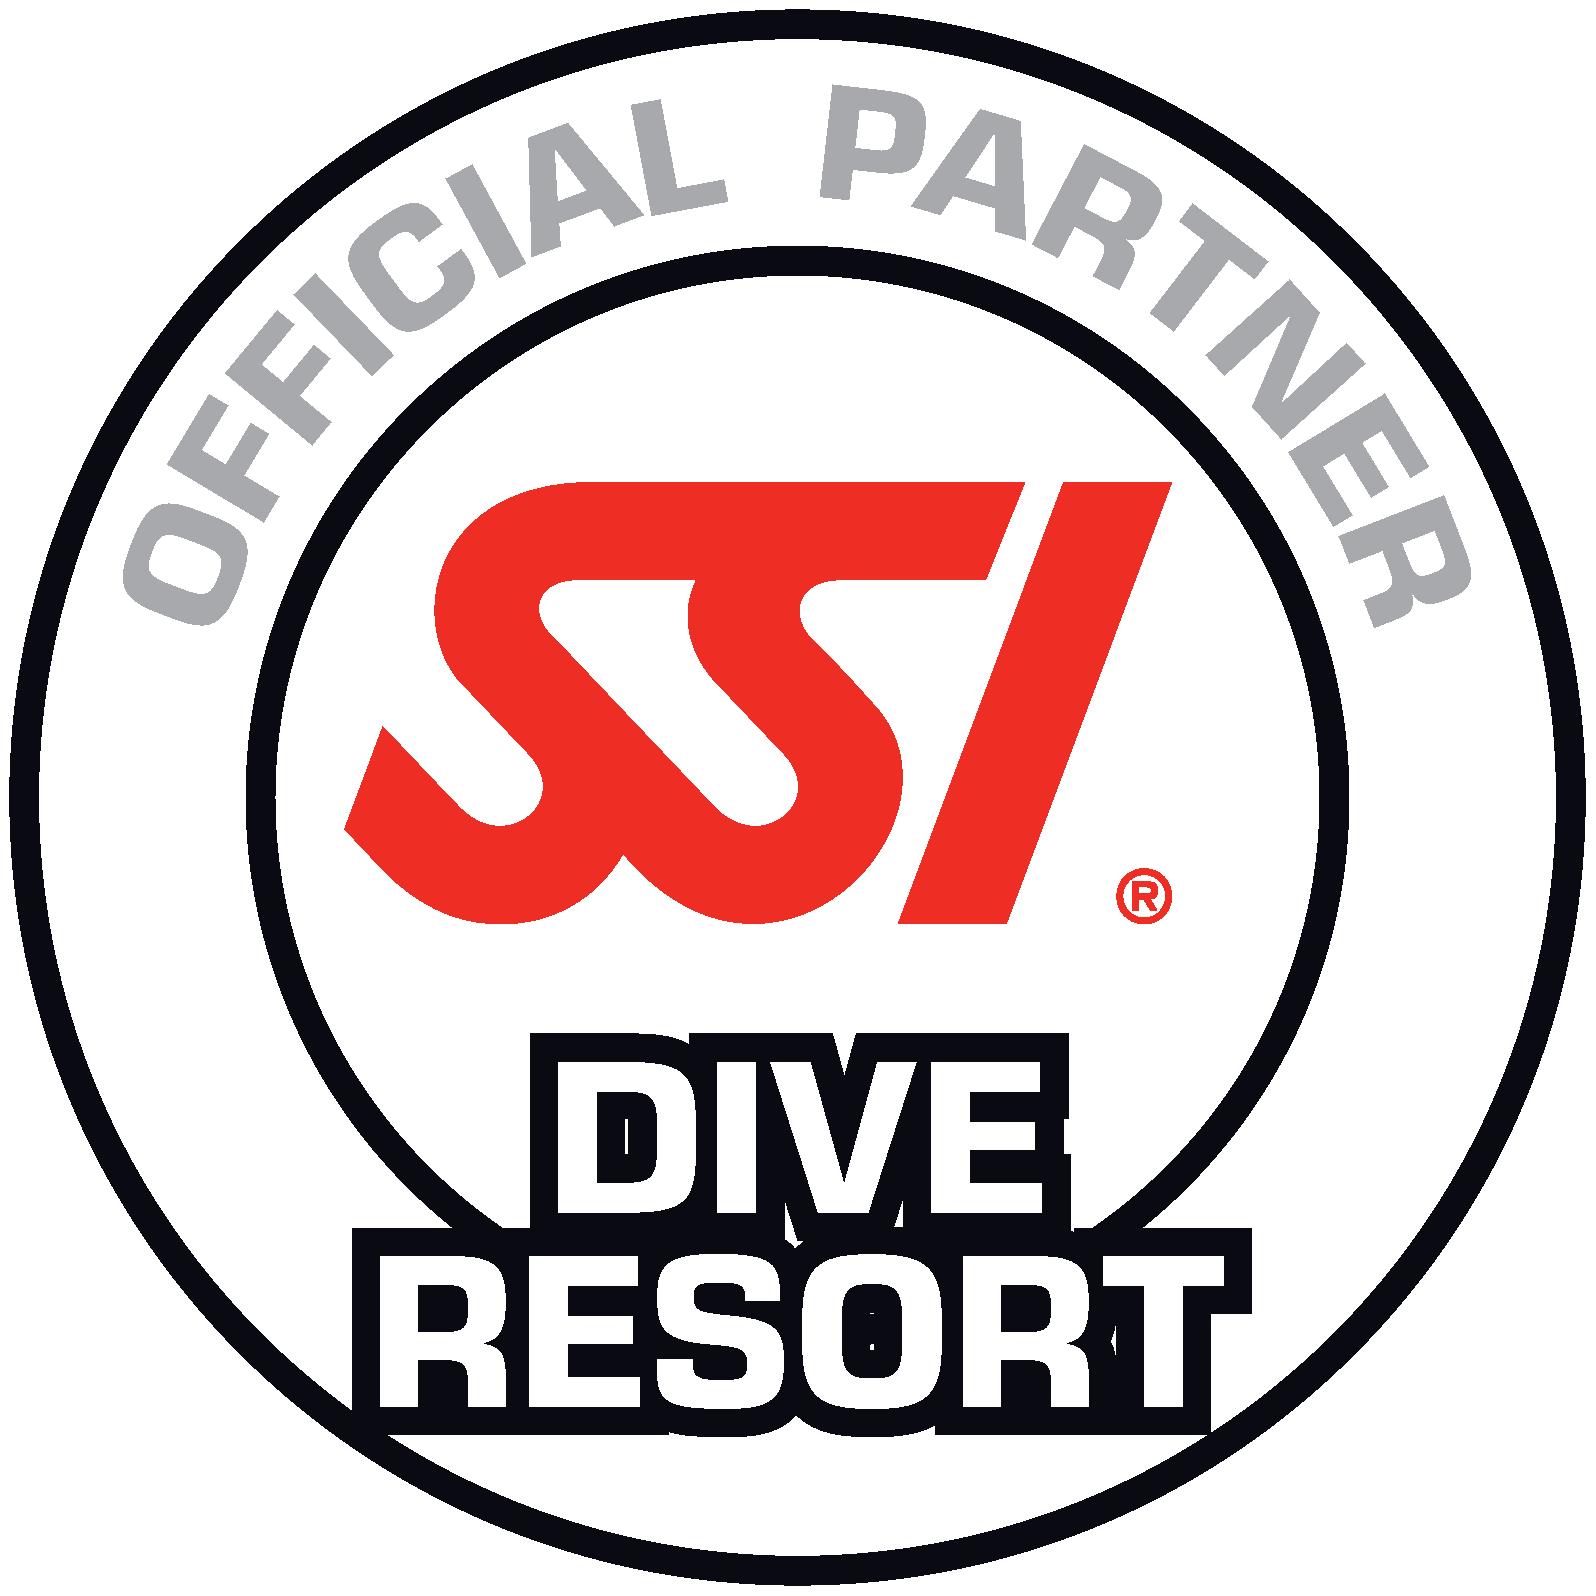 sea rovers dive center pemuteran nw bali ssi sdi dive center Cultural Center Interior pin it on pinterest sea rovers dive center pemuteran bali